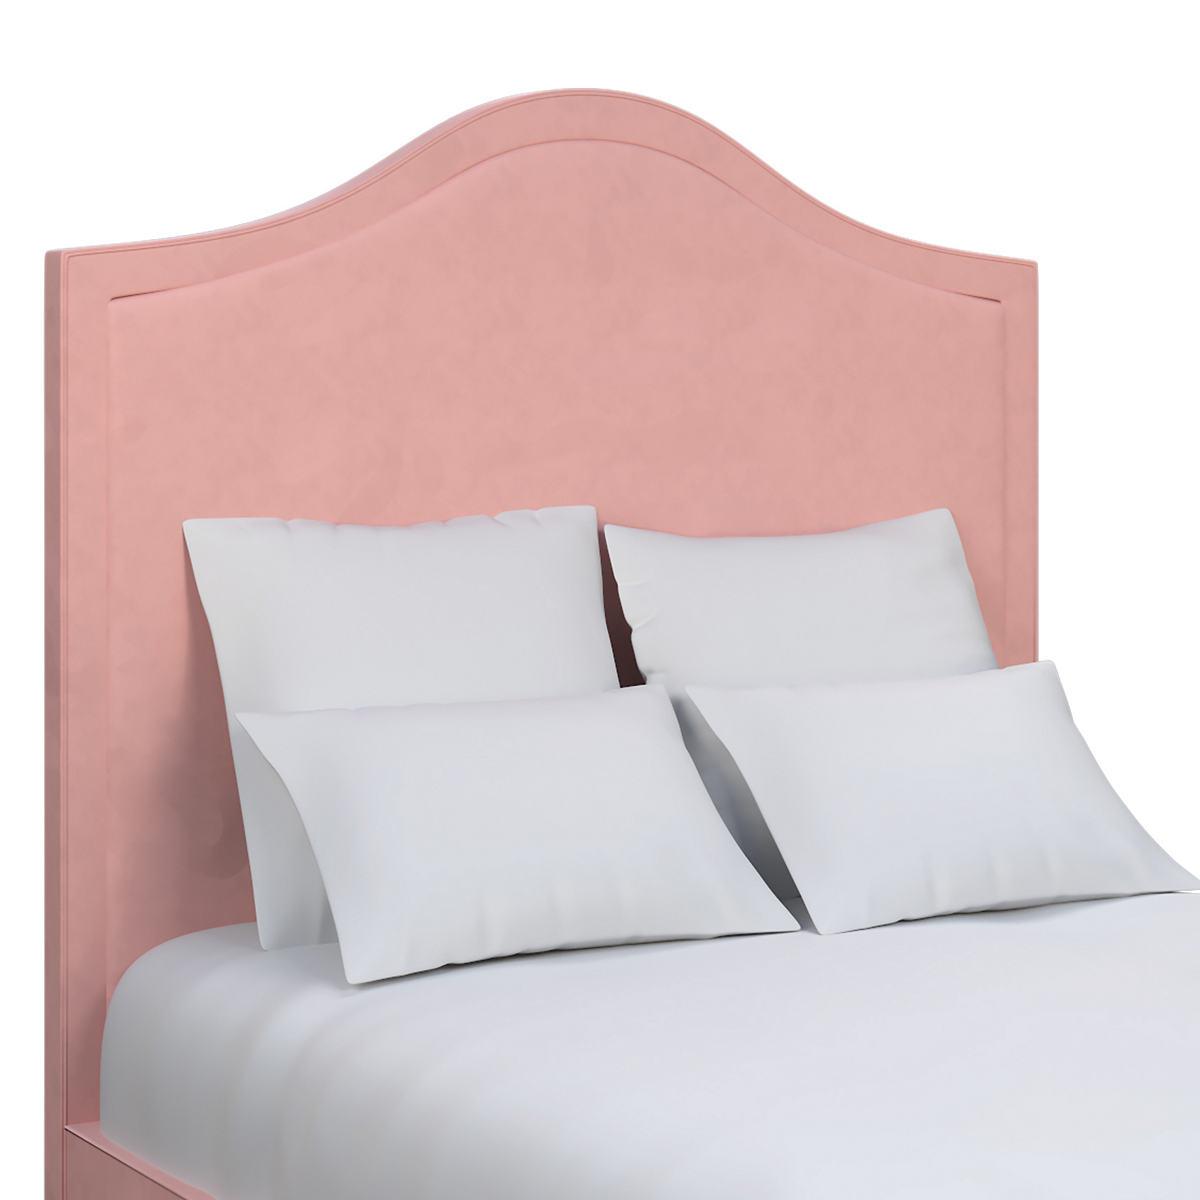 Velvesuede Lavender Rose Westport Headboard